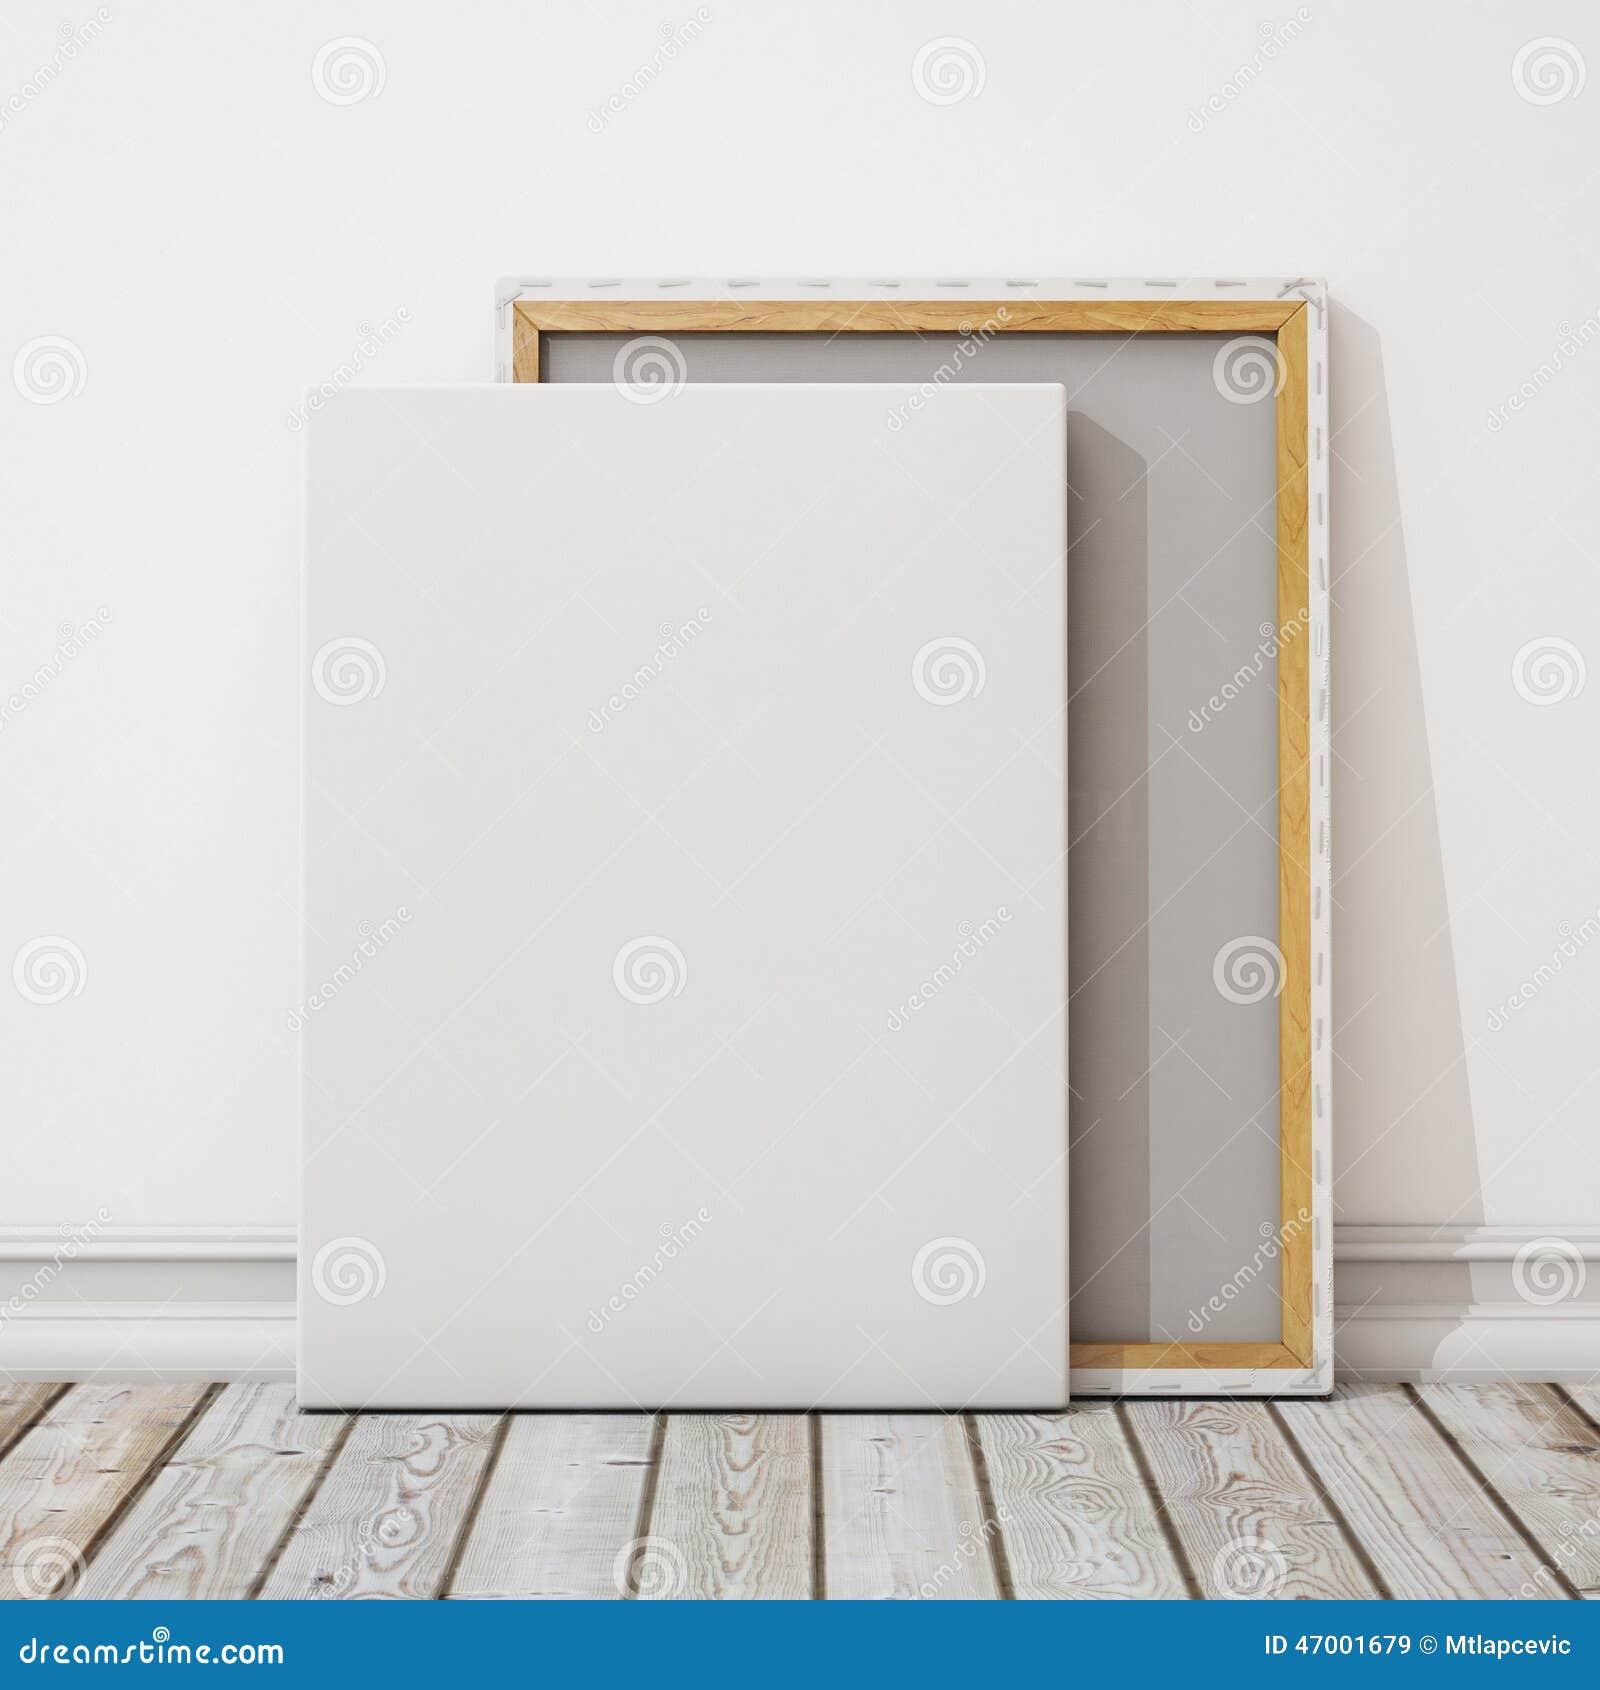 Poster design canva - Background Blank Canvas Design Floor Mock Pile Poster